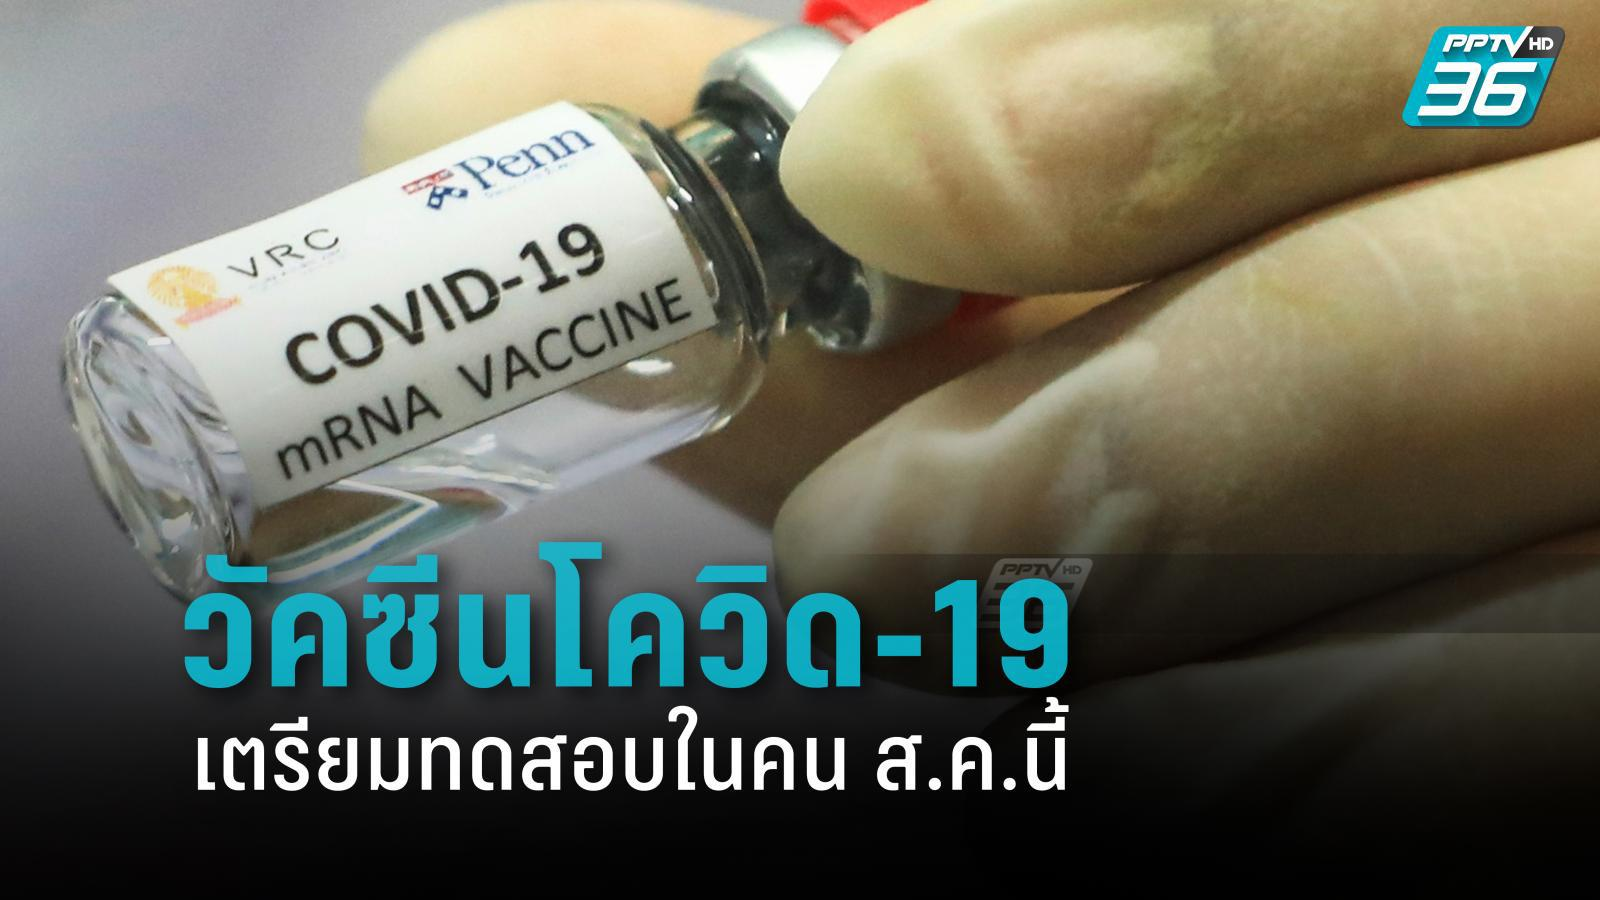 นักวิจัยไทย เริ่ม ทดสอบวัคซีนโควิด-19 ในลิง คาด ทดสอบในคน ส.ค.นี้